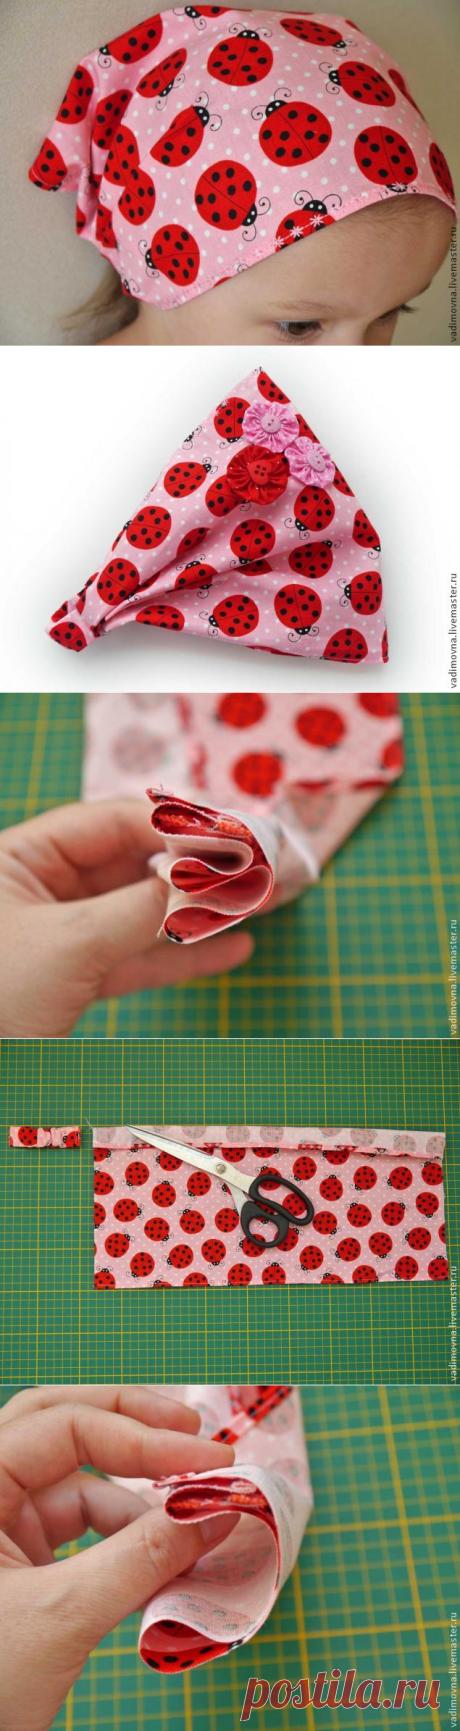 Шьем косынку на резинке - Ярмарка Мастеров - ручная работа, handmade